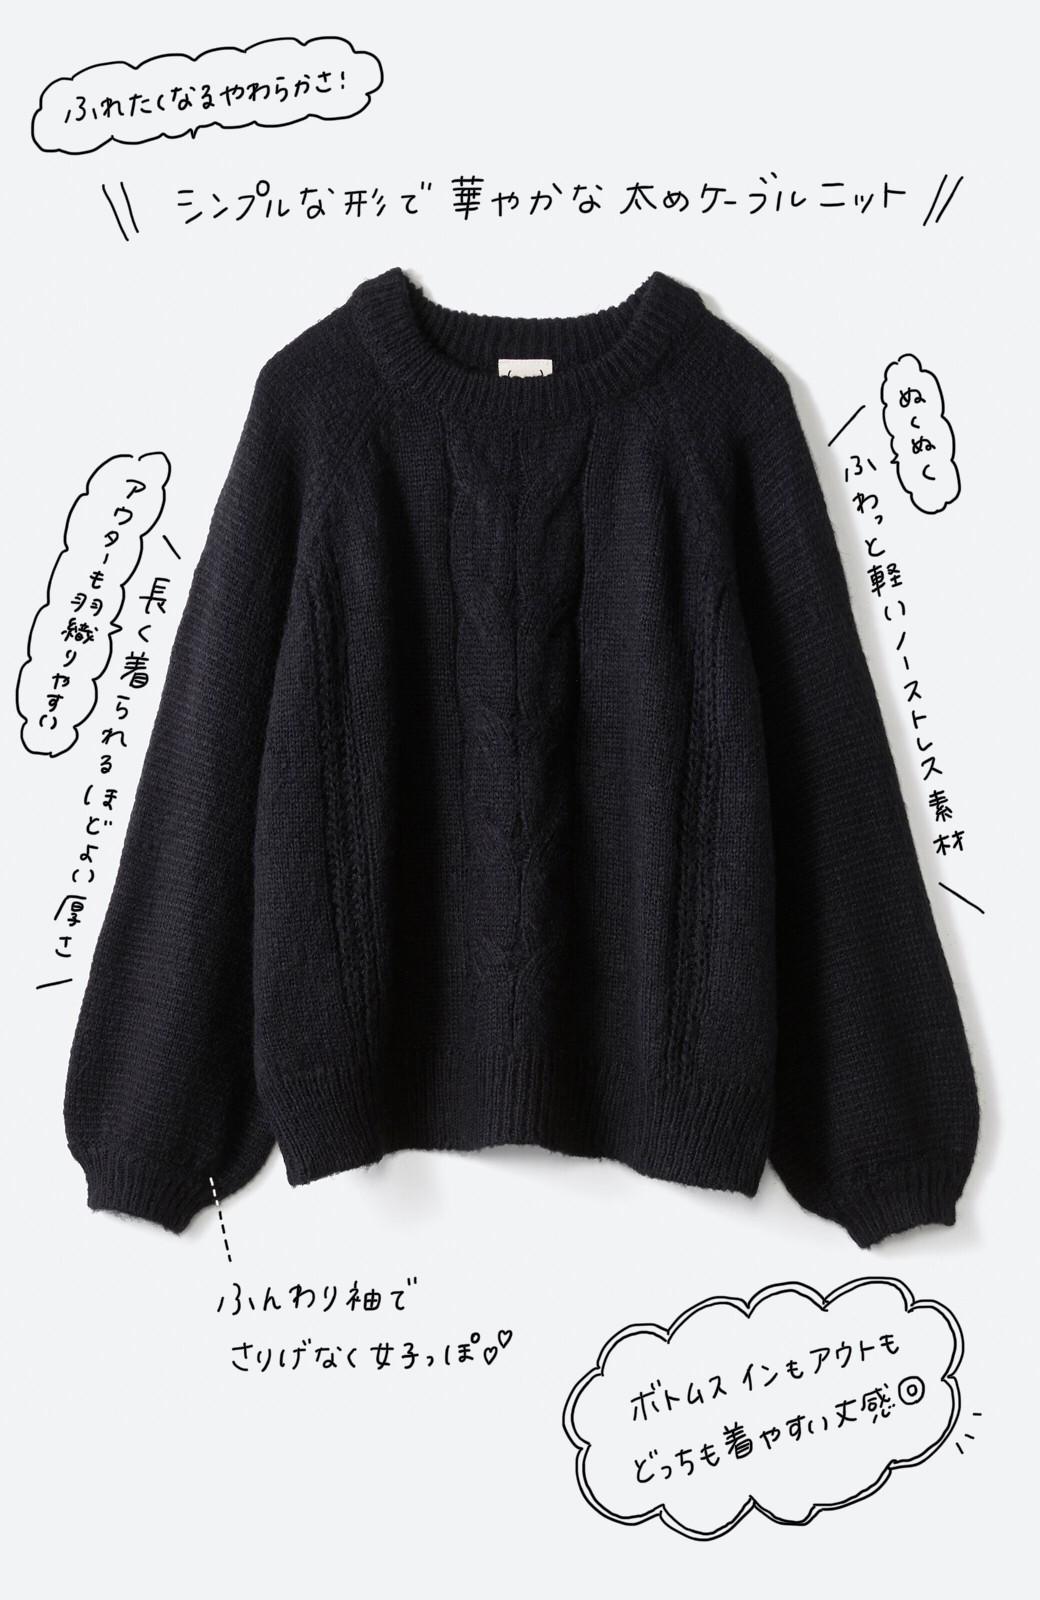 haco! しまった!寝坊した!ってときにも安心なケーブル編みがかわいいニットアップ <ブラック>の商品写真3